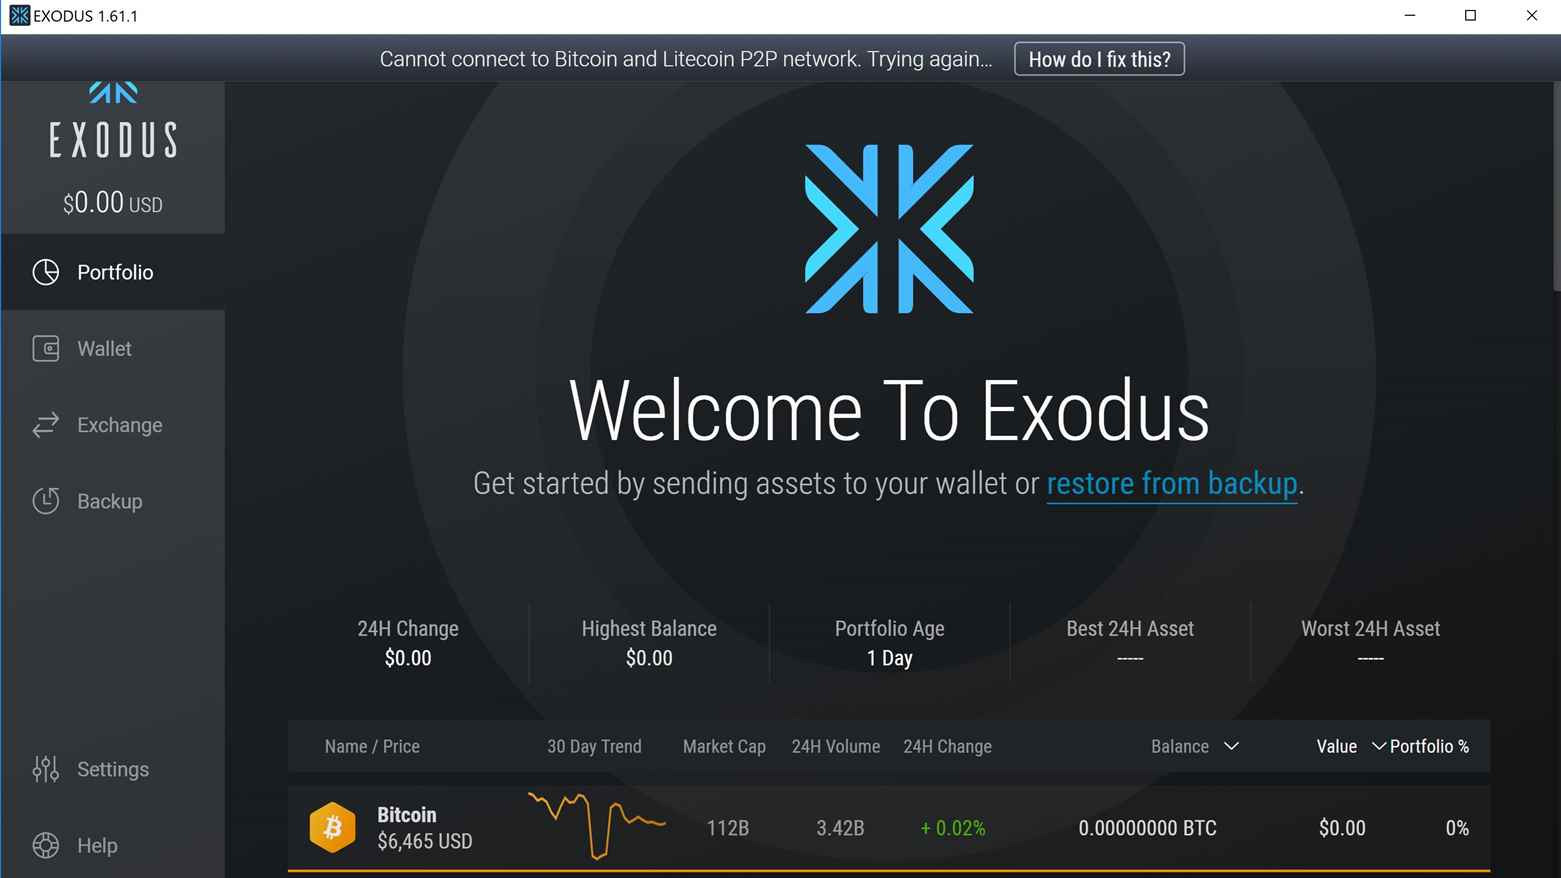 اگزدوس exodus